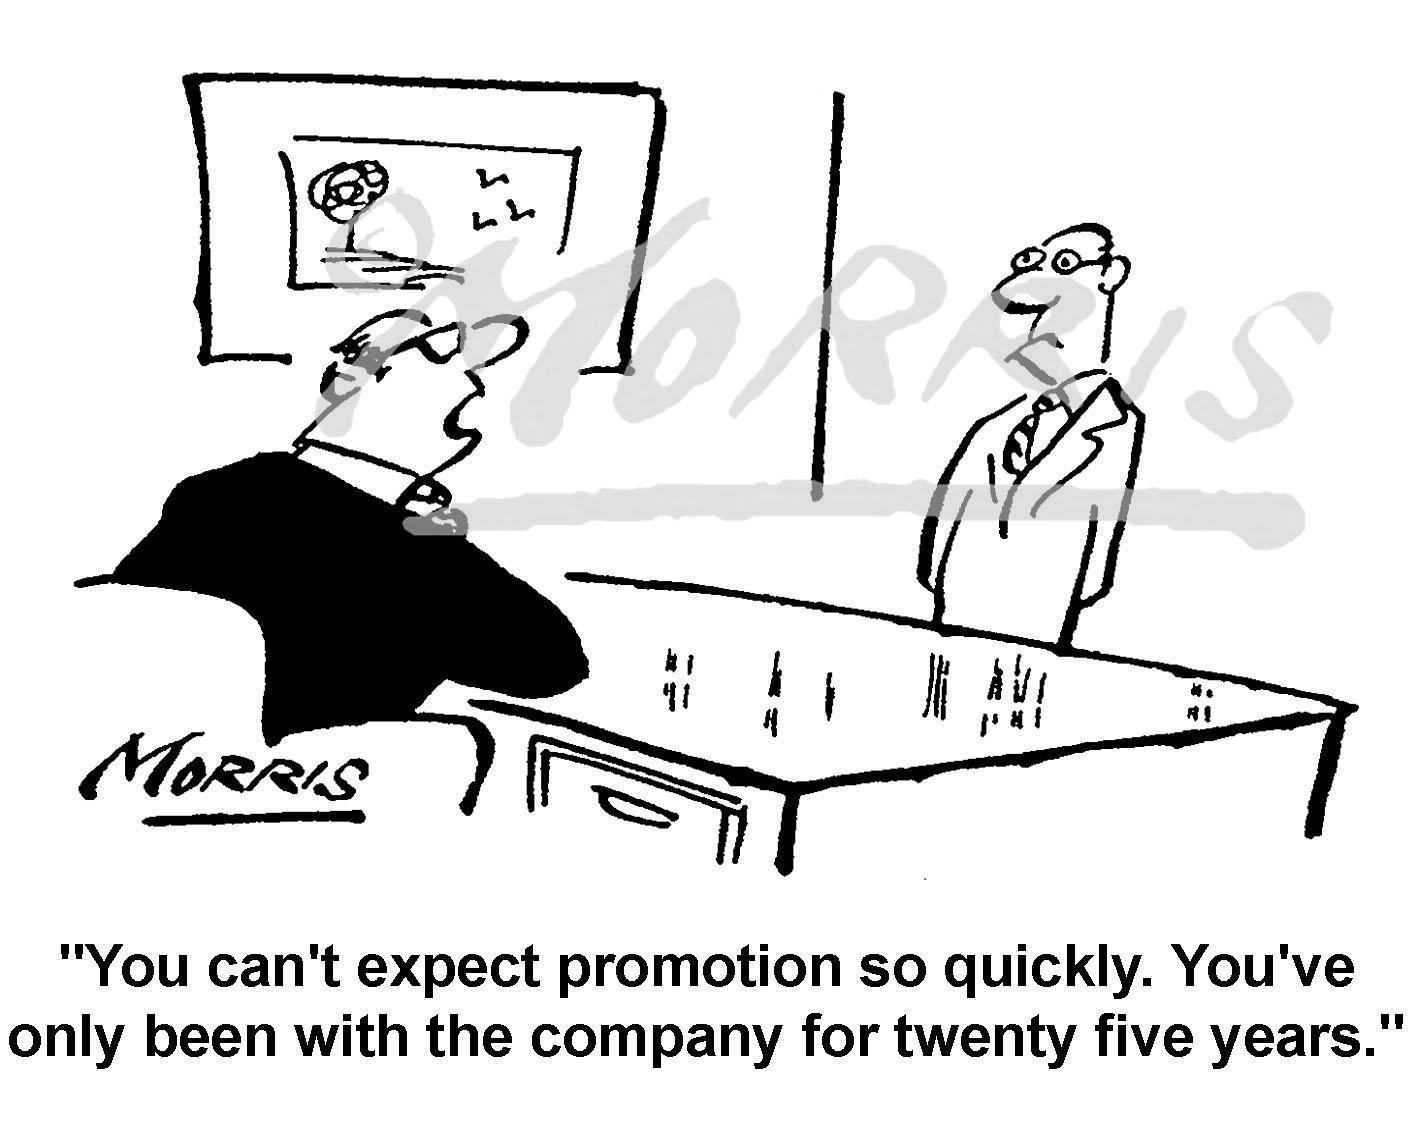 Employee company job promotion cartoon